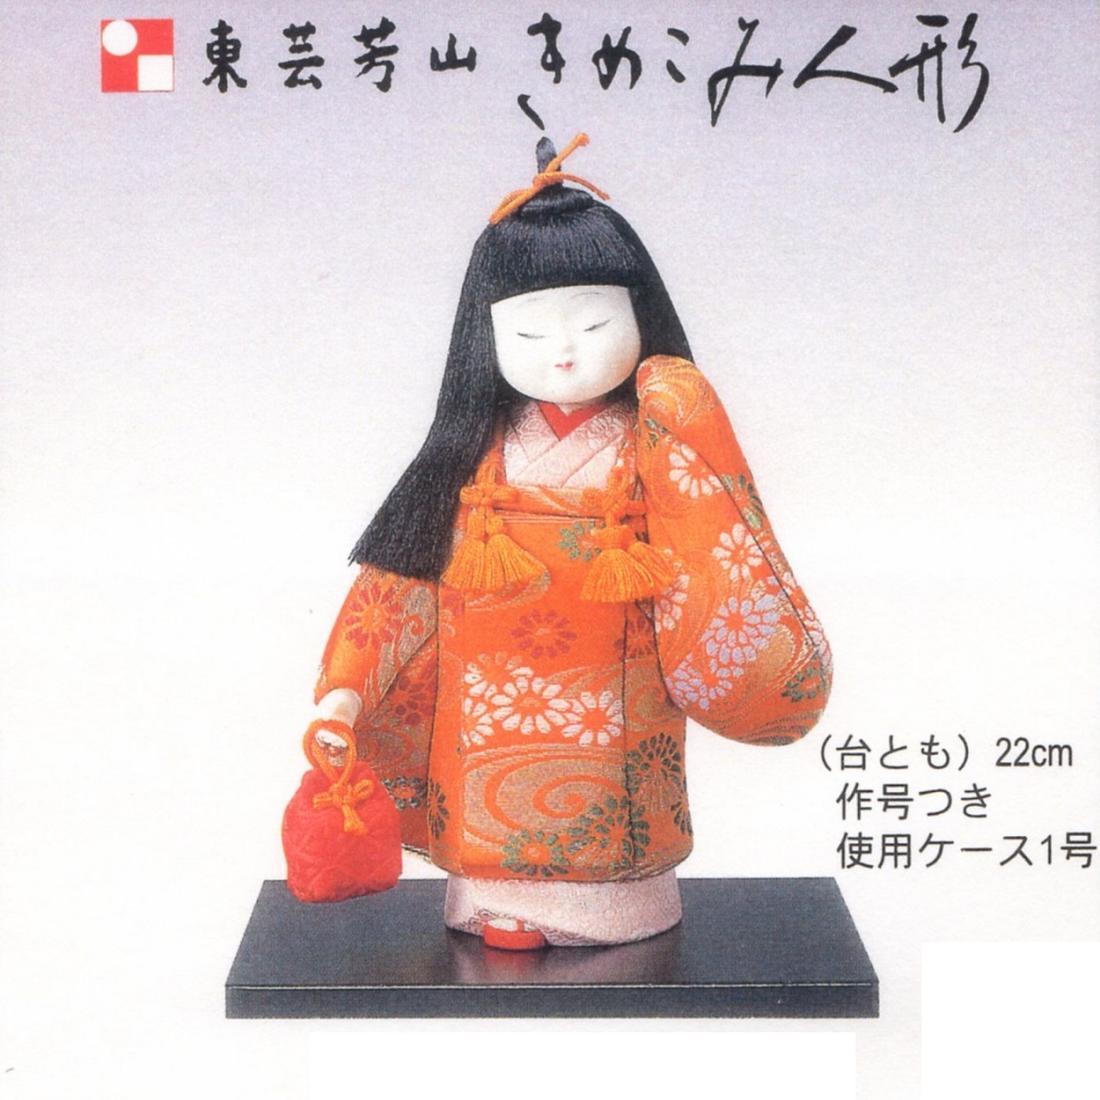 東芸 木目込人形キット「童女・およばれ」 H194-01